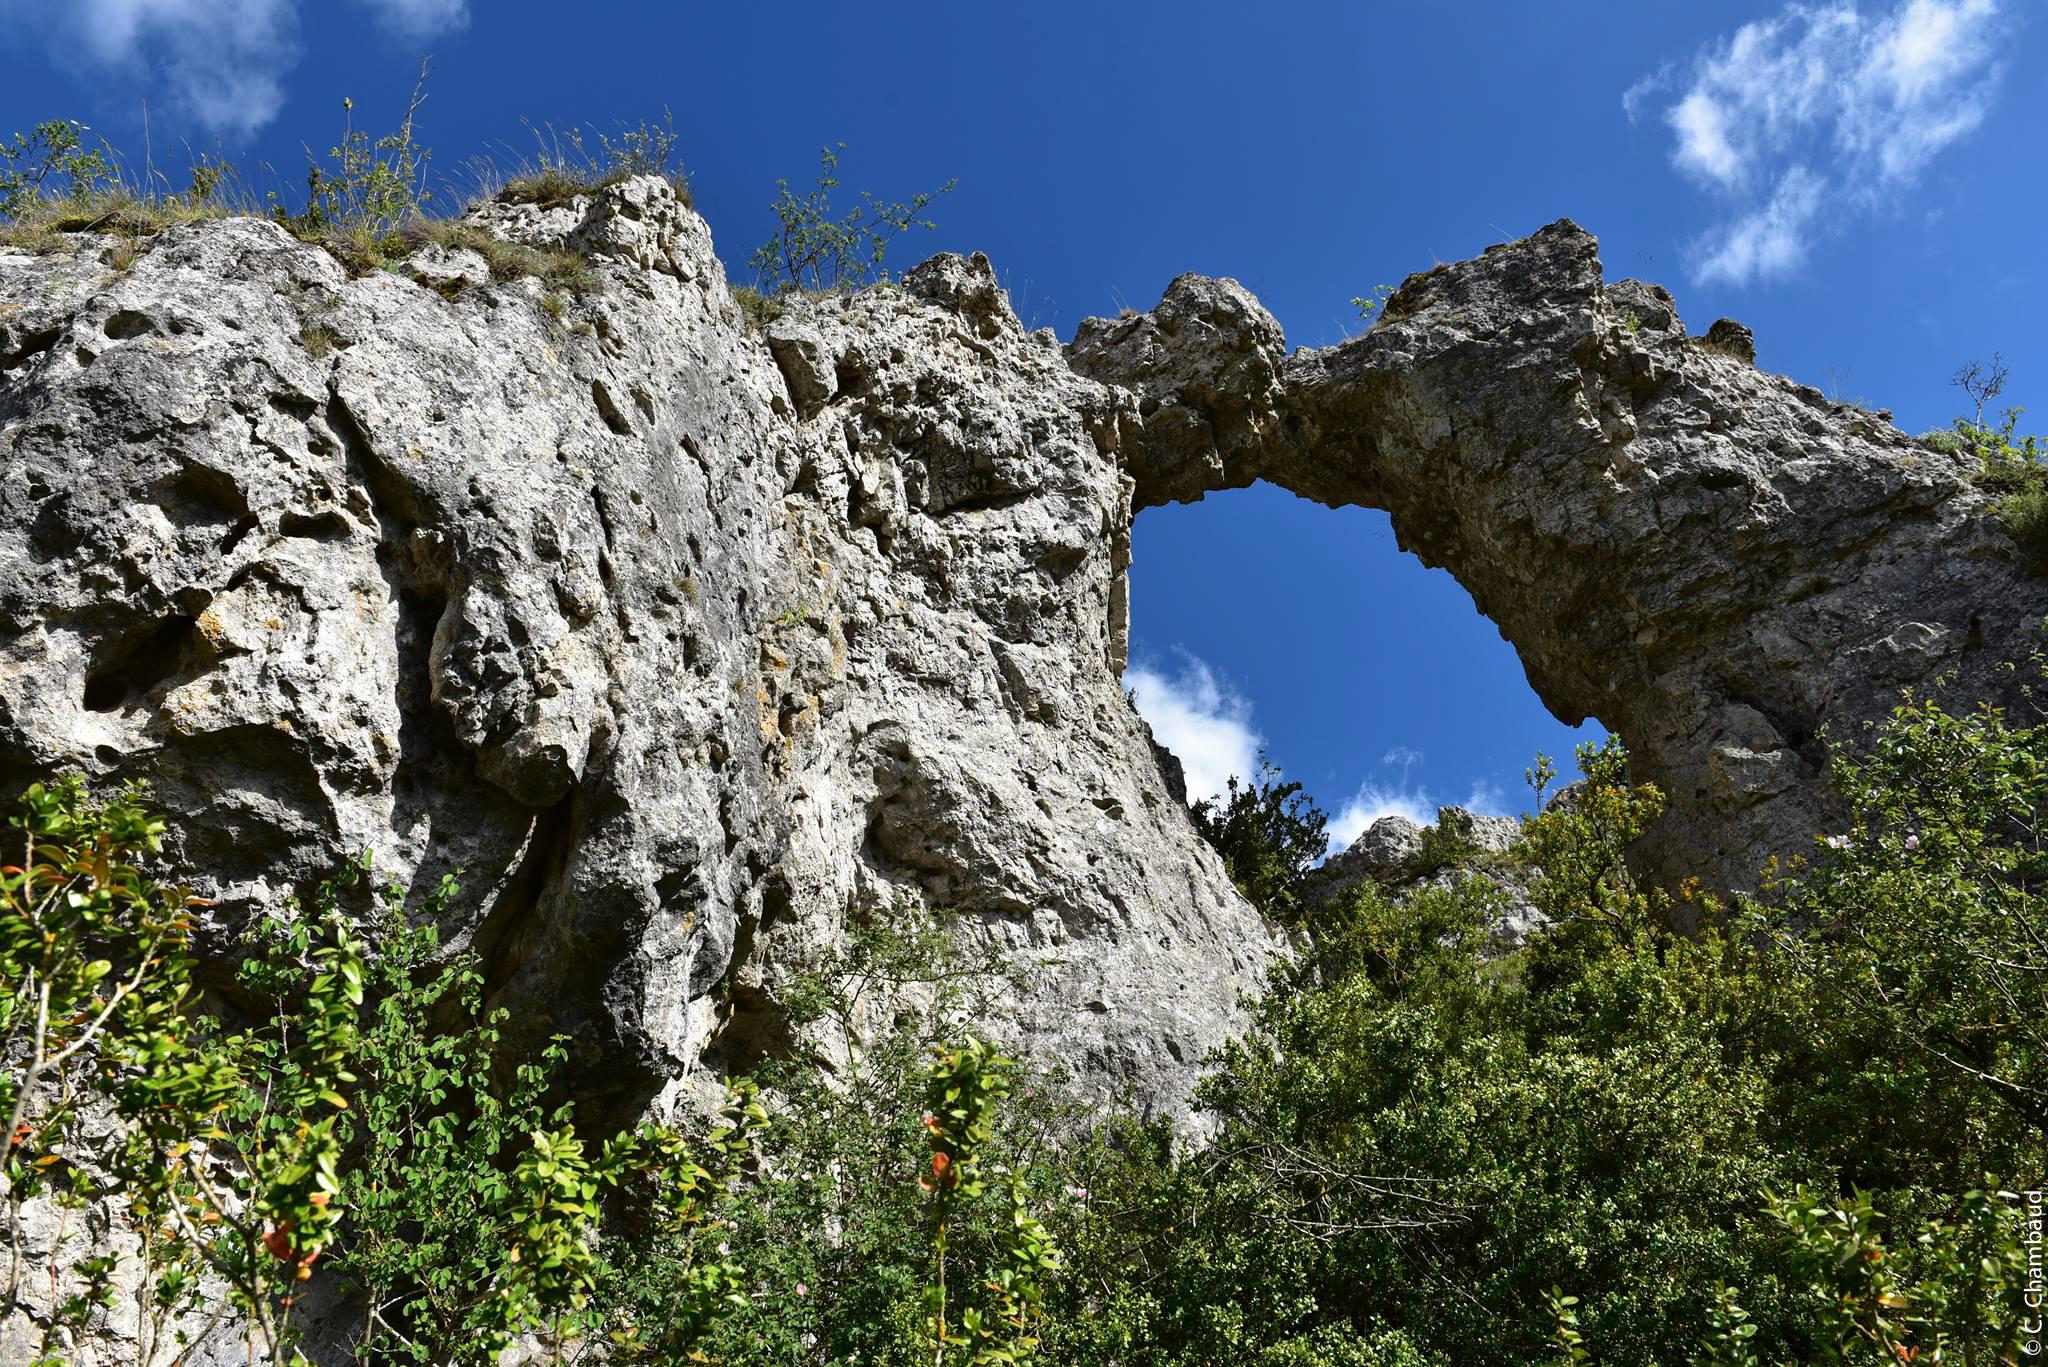 Chaos rocheux du Larzac, Aveyron